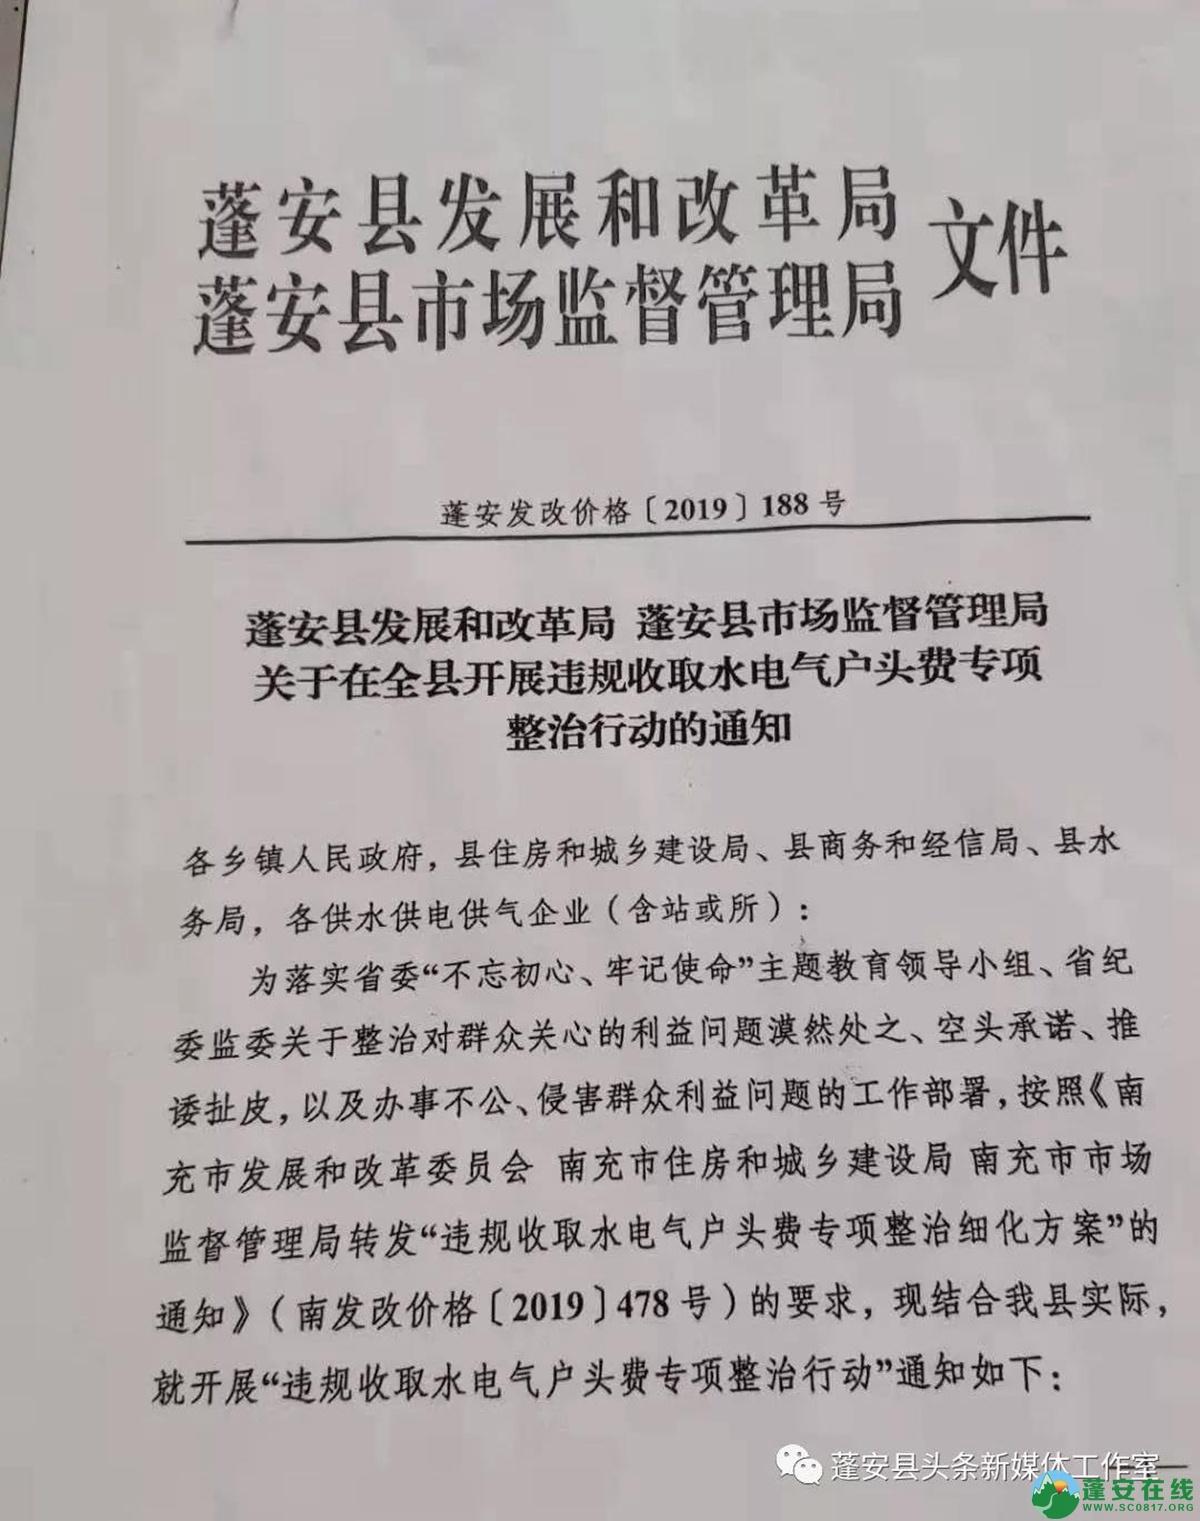 关于蓬安县开展违规收取水电气户头费专项整治行动的通知 - 第1张    蓬安在线